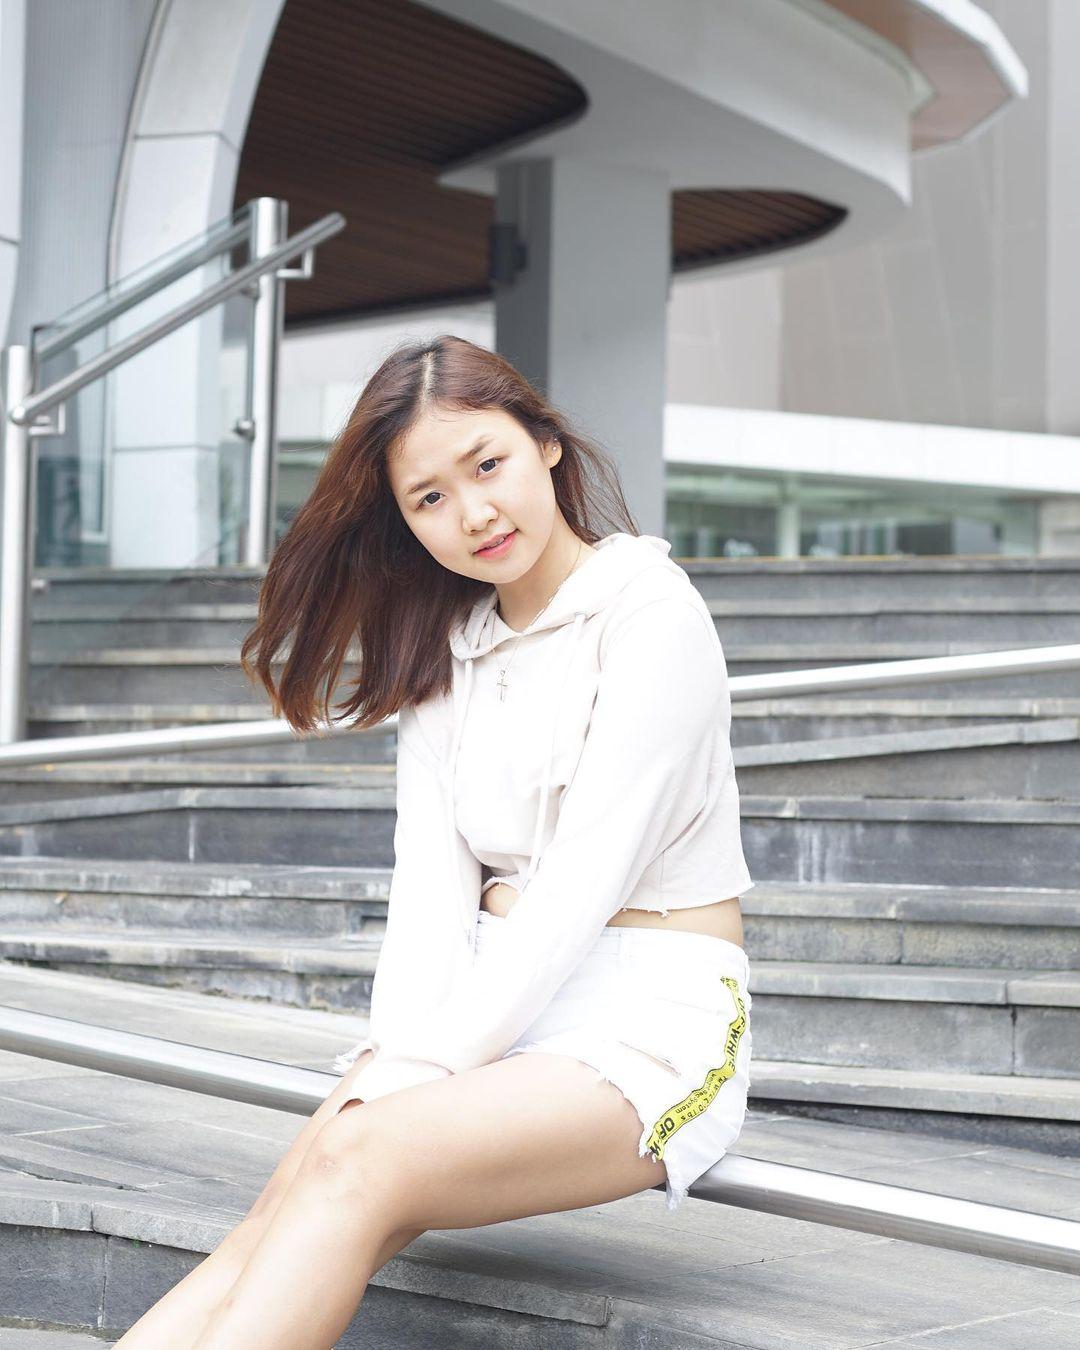 Potret Menarik Sella Monica, Model Muda Berwajah Imut